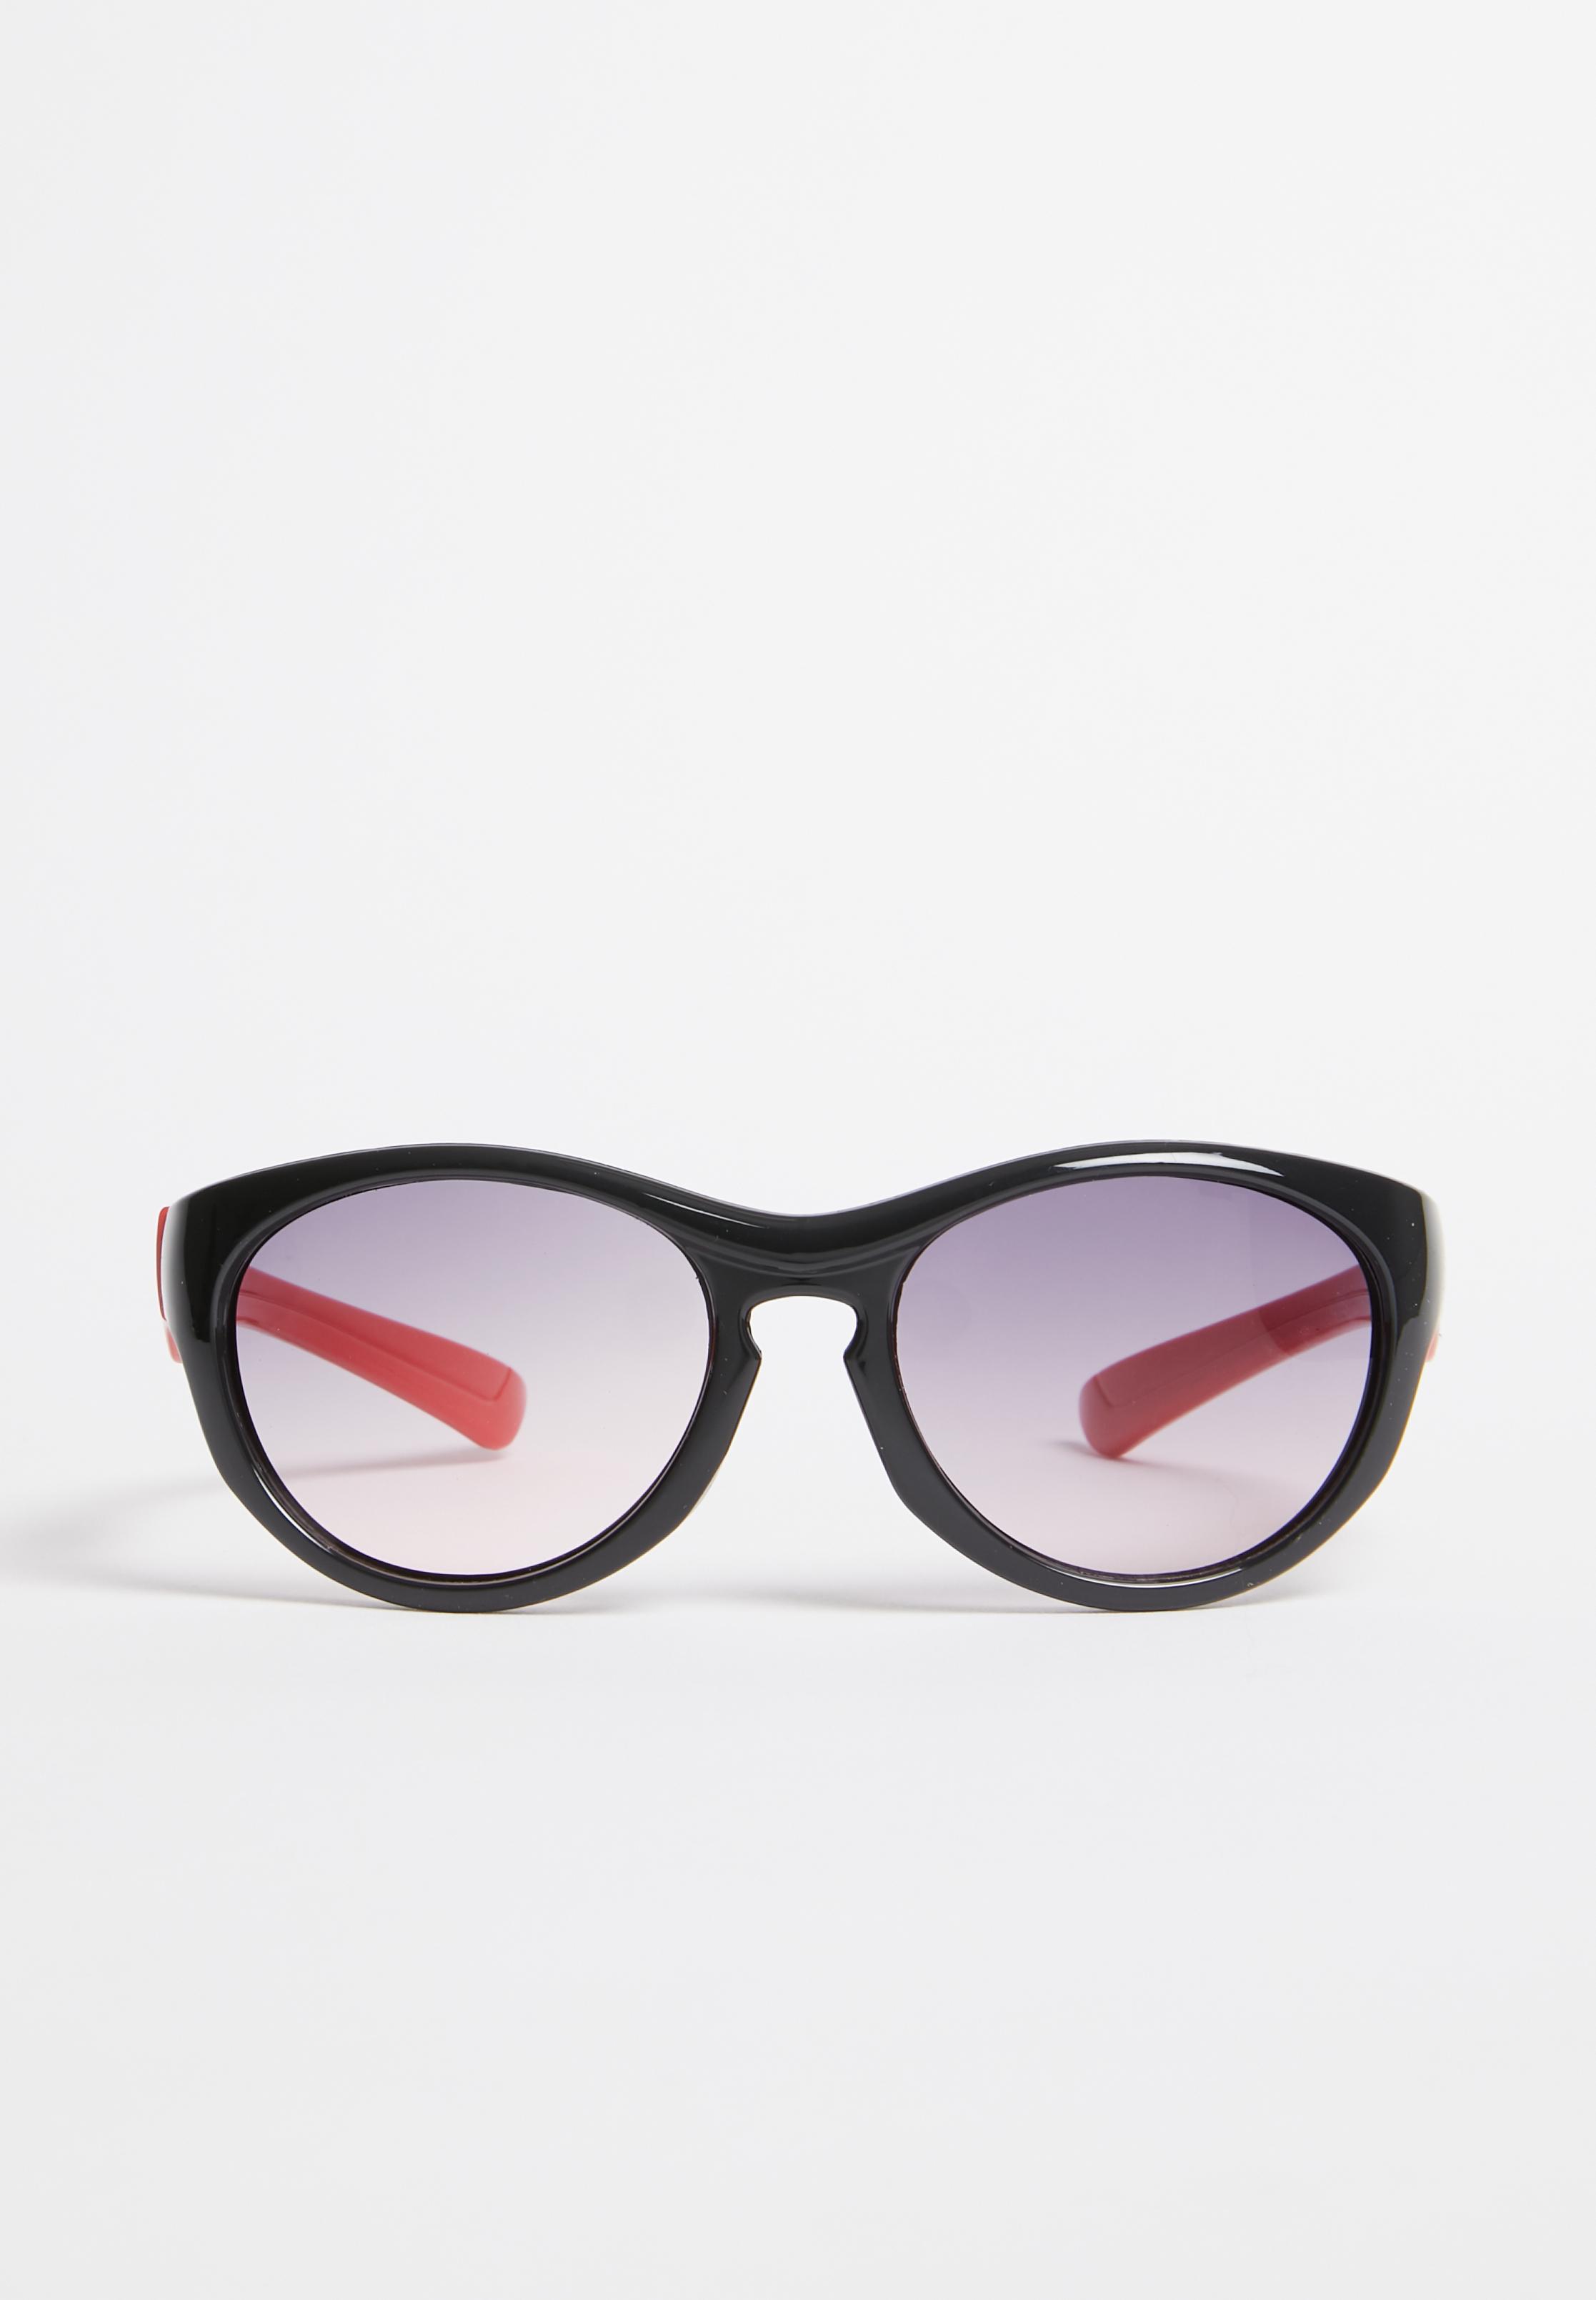 fe918de94a0 Wayfarer Colour Block Sunglasses Black POP CANDY Accessories ...